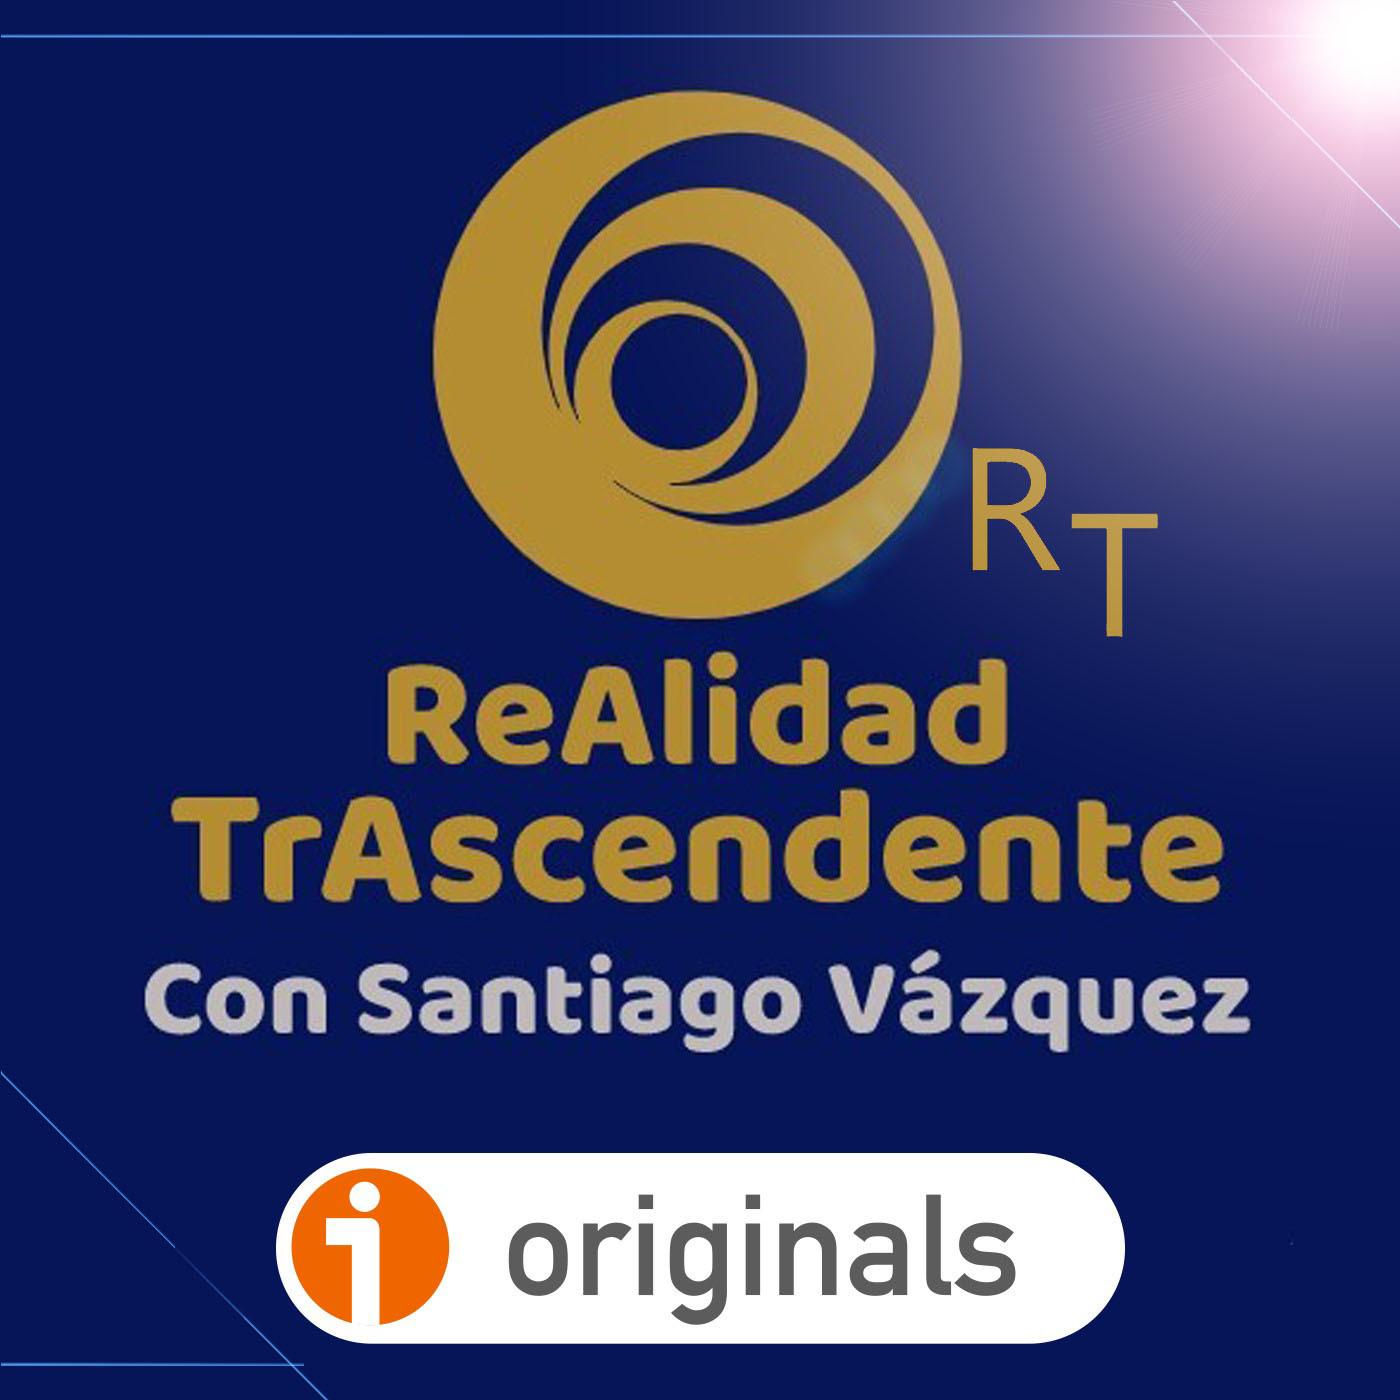 1x1 -Parapsicología -Visitantes Nocturnos -Covid-19: una Vergüenza -El giro de Casado -Horror en Residencias 3/9/2020